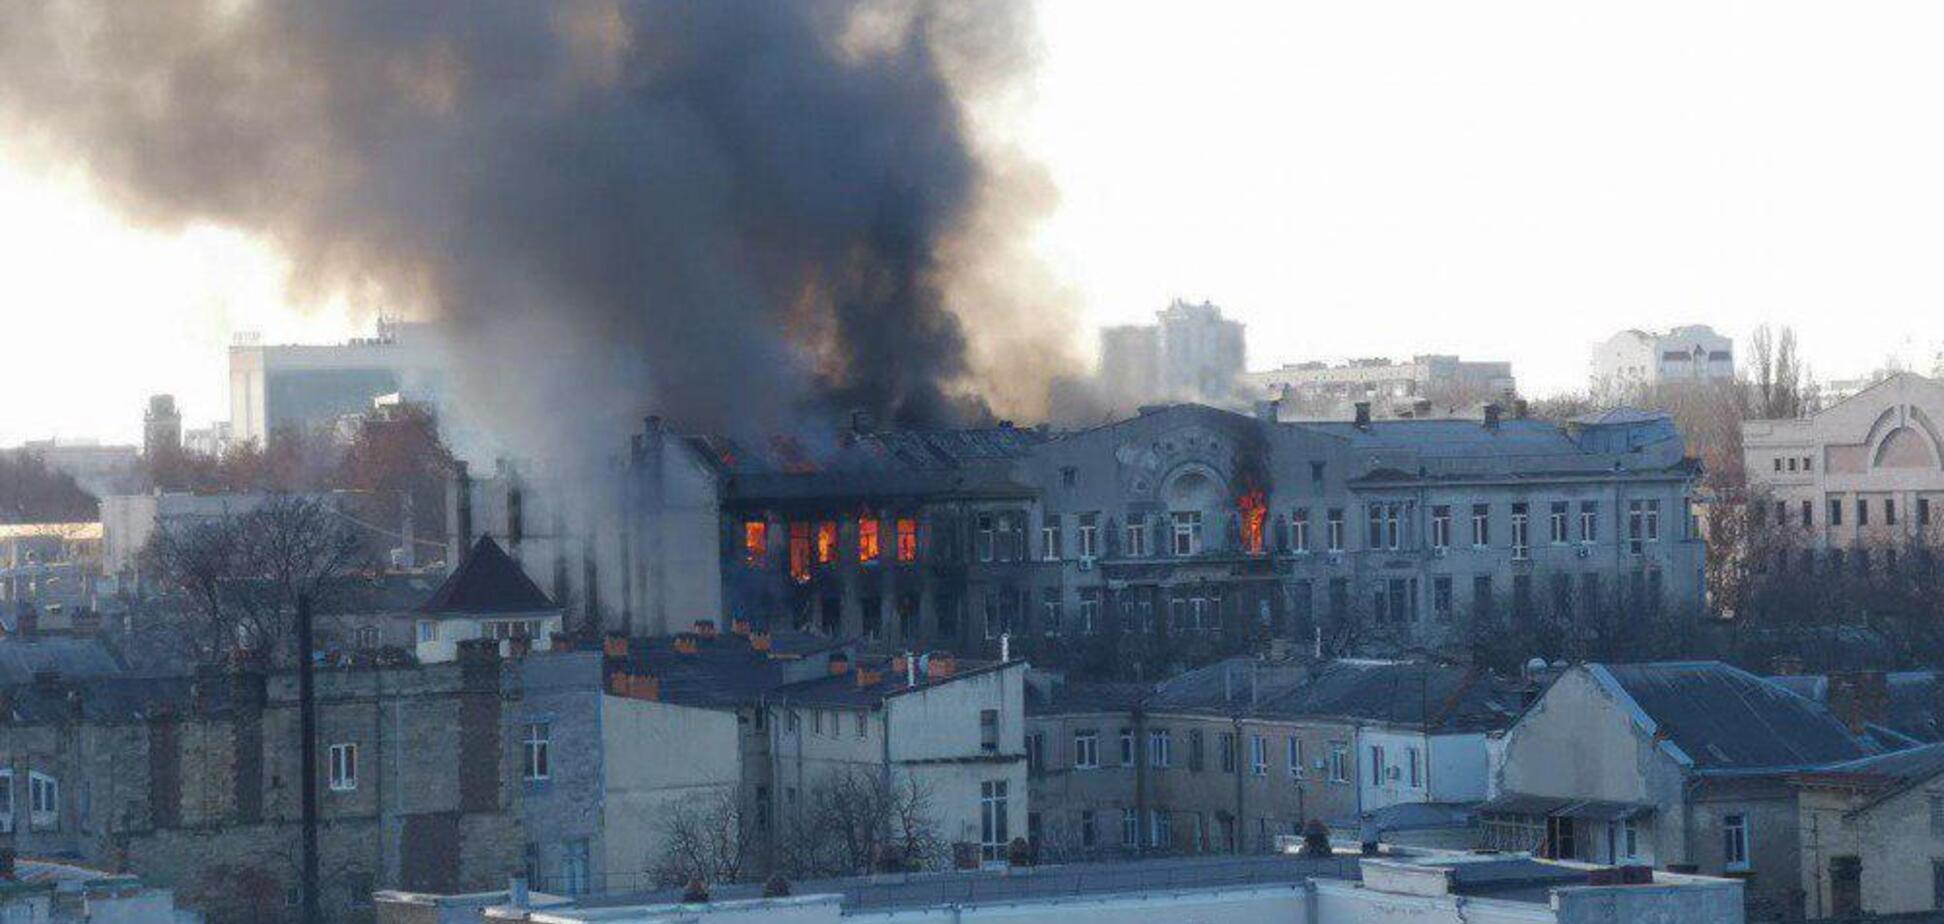 Смертельный пожар в Одессе: число пострадавших возросло, пропали 13 человек